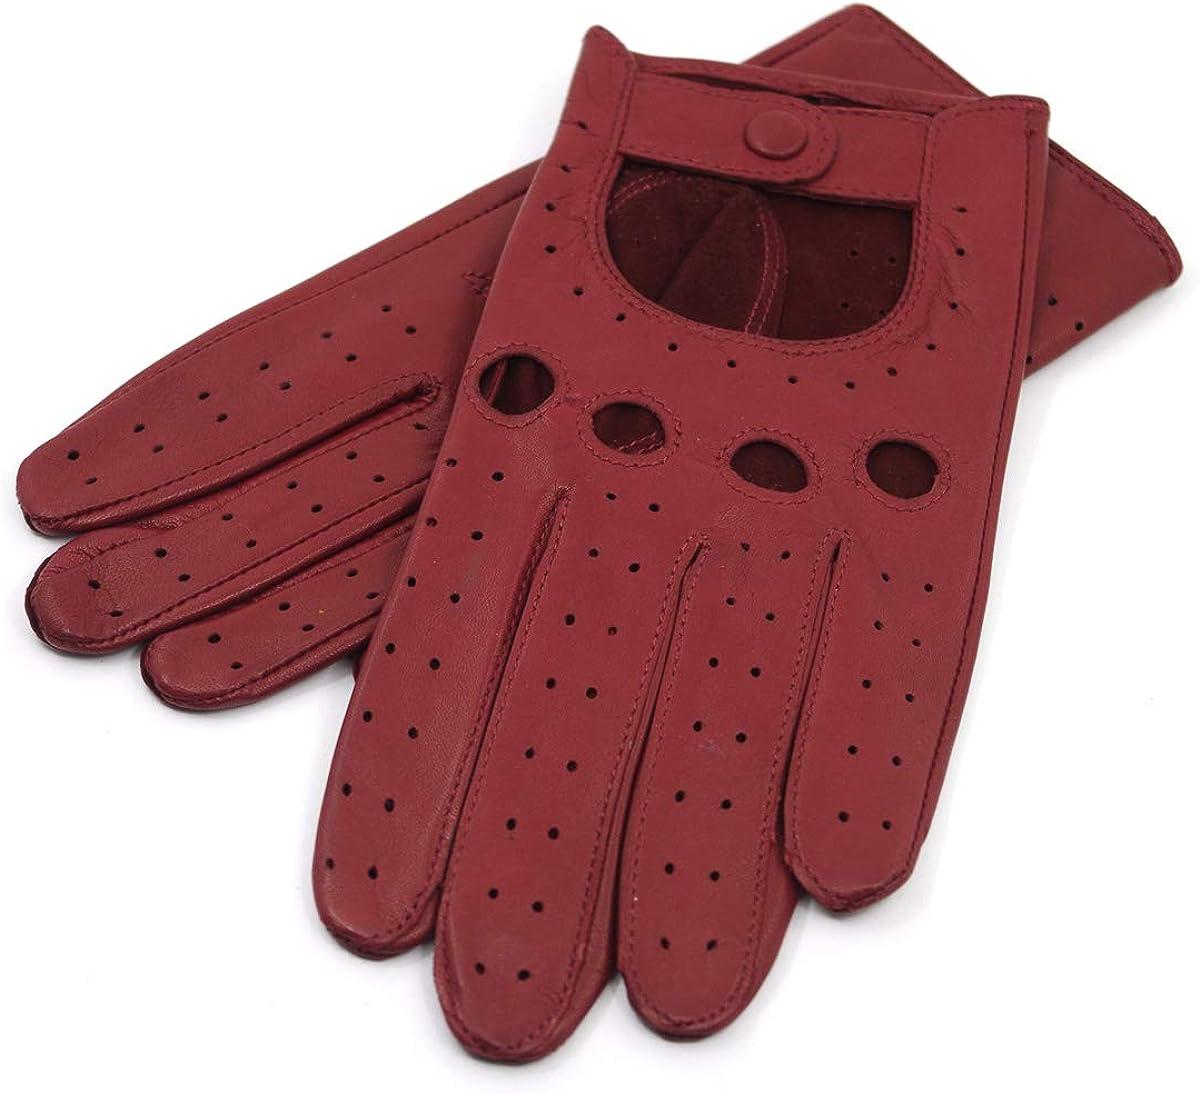 Harssidanzar Gants de conduite en cuir pour femmes sans doublure